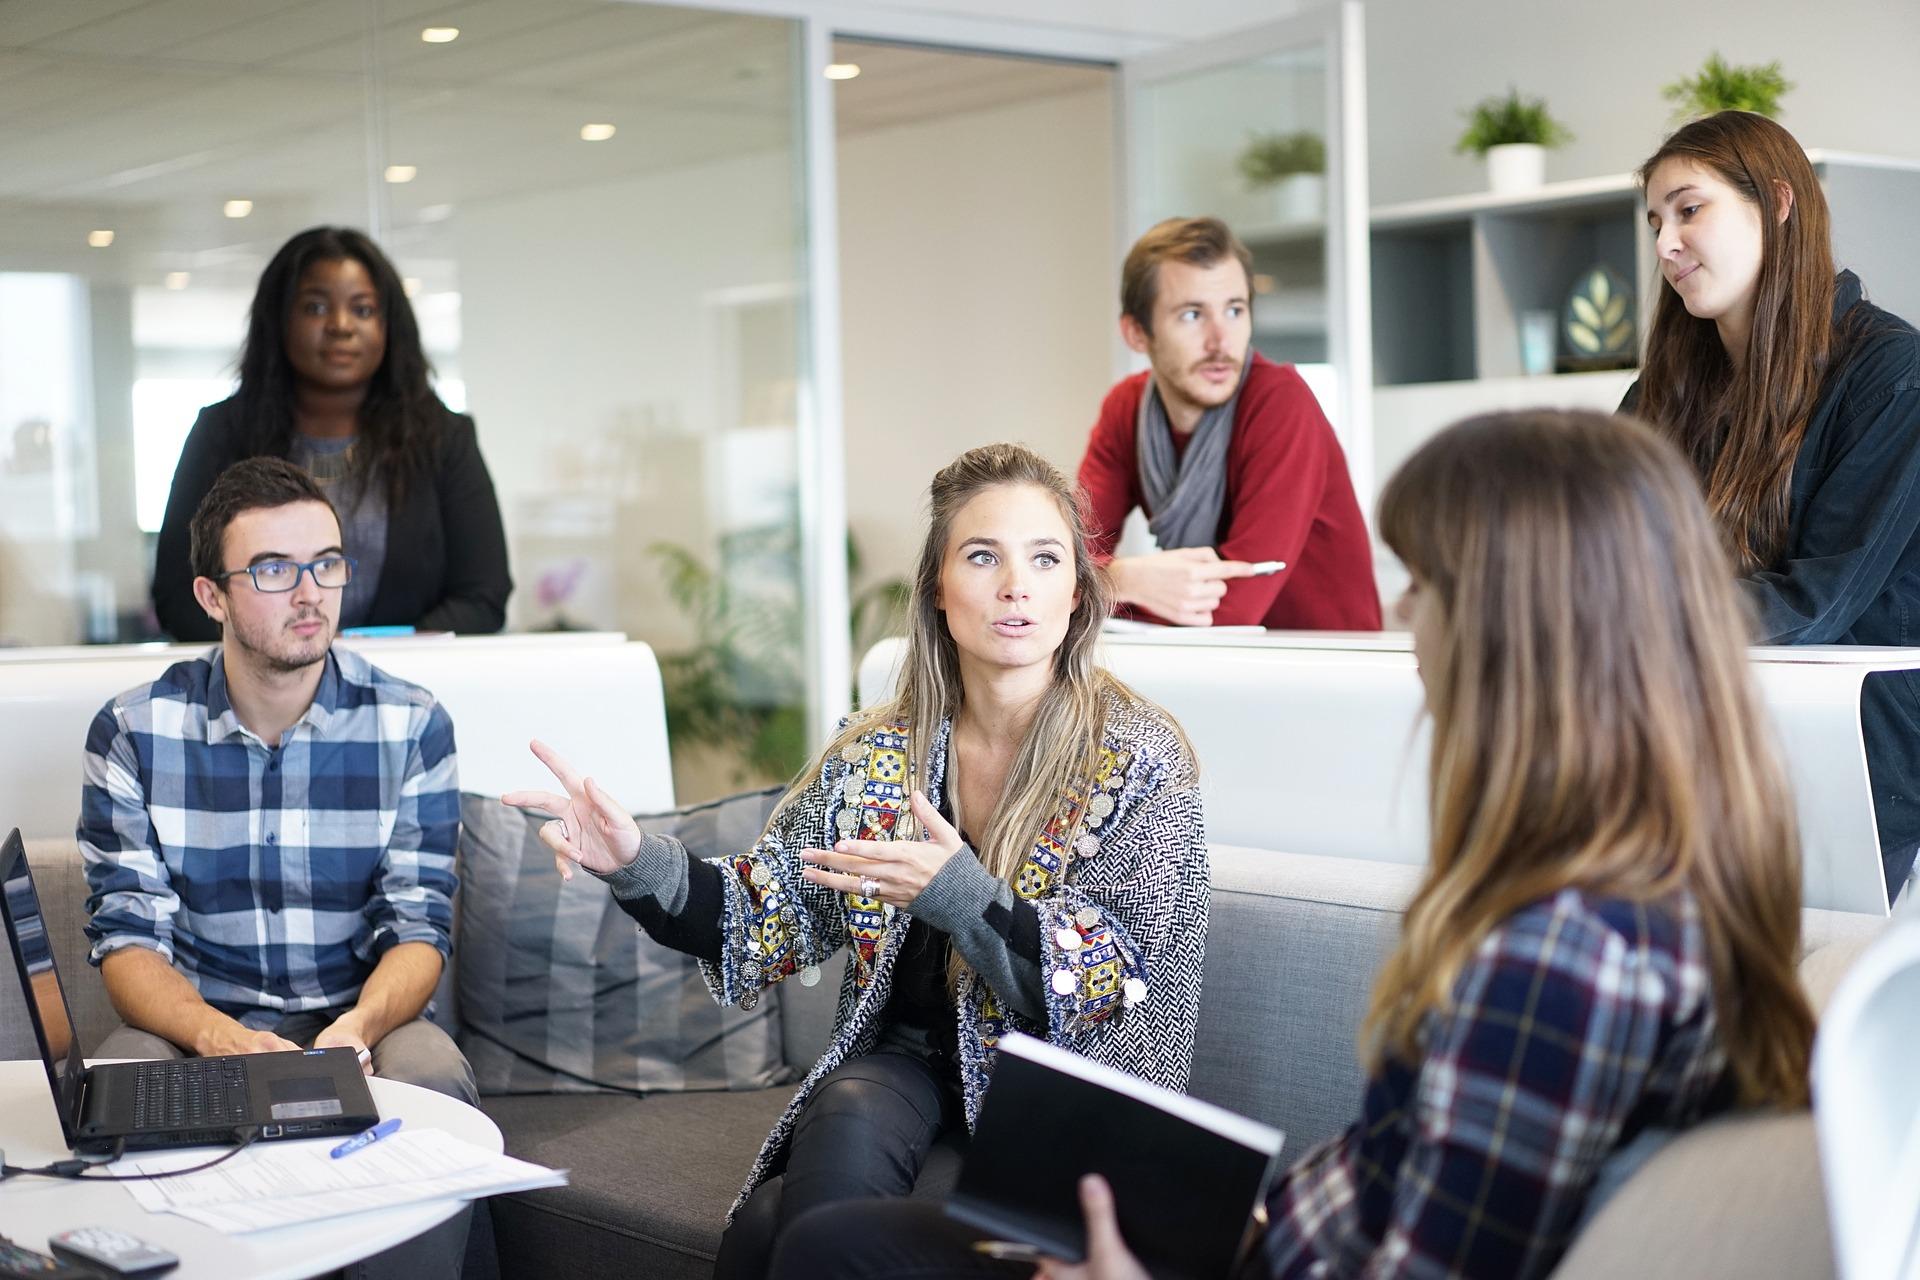 Fachkräftemangel, mangelnde Verantwortungsbereitschaft, fehlendes Engagement der Mitarbeiter